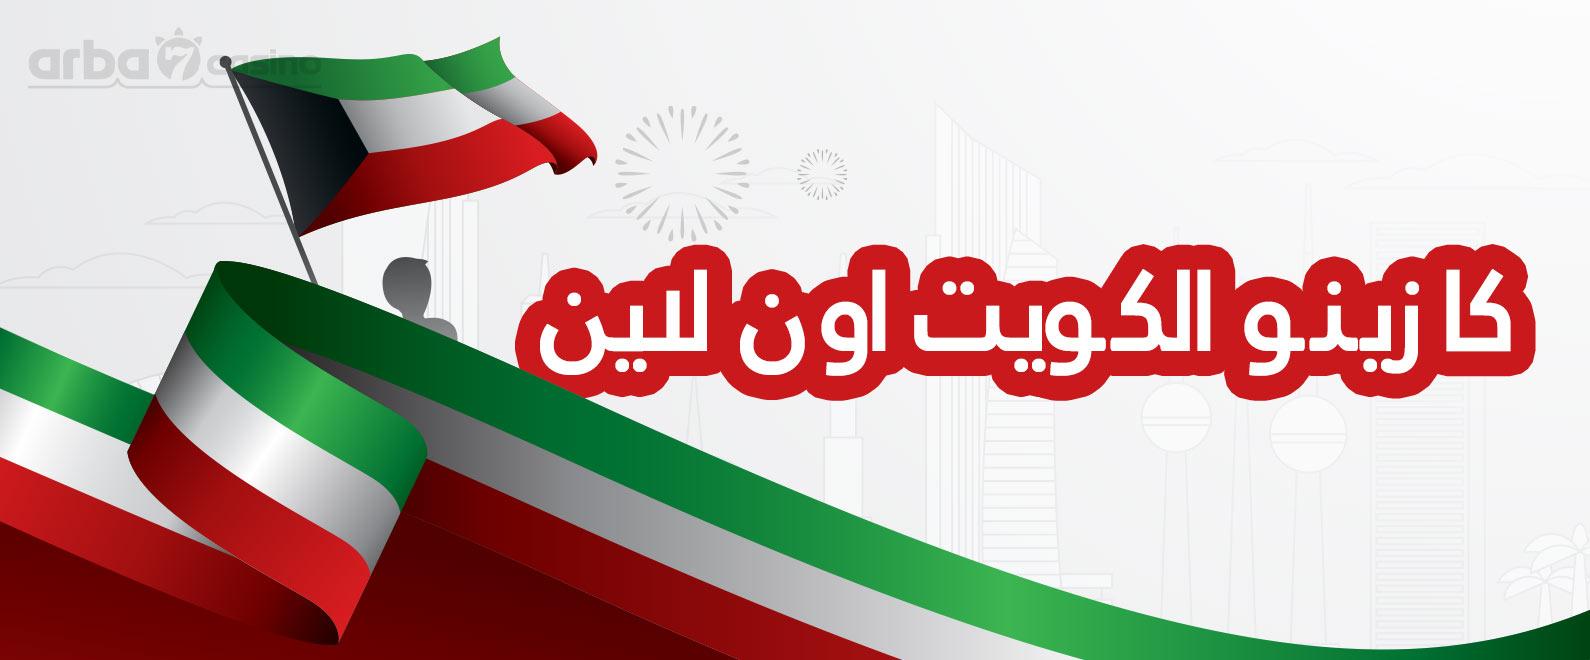 كازينو الكويت اون لاين